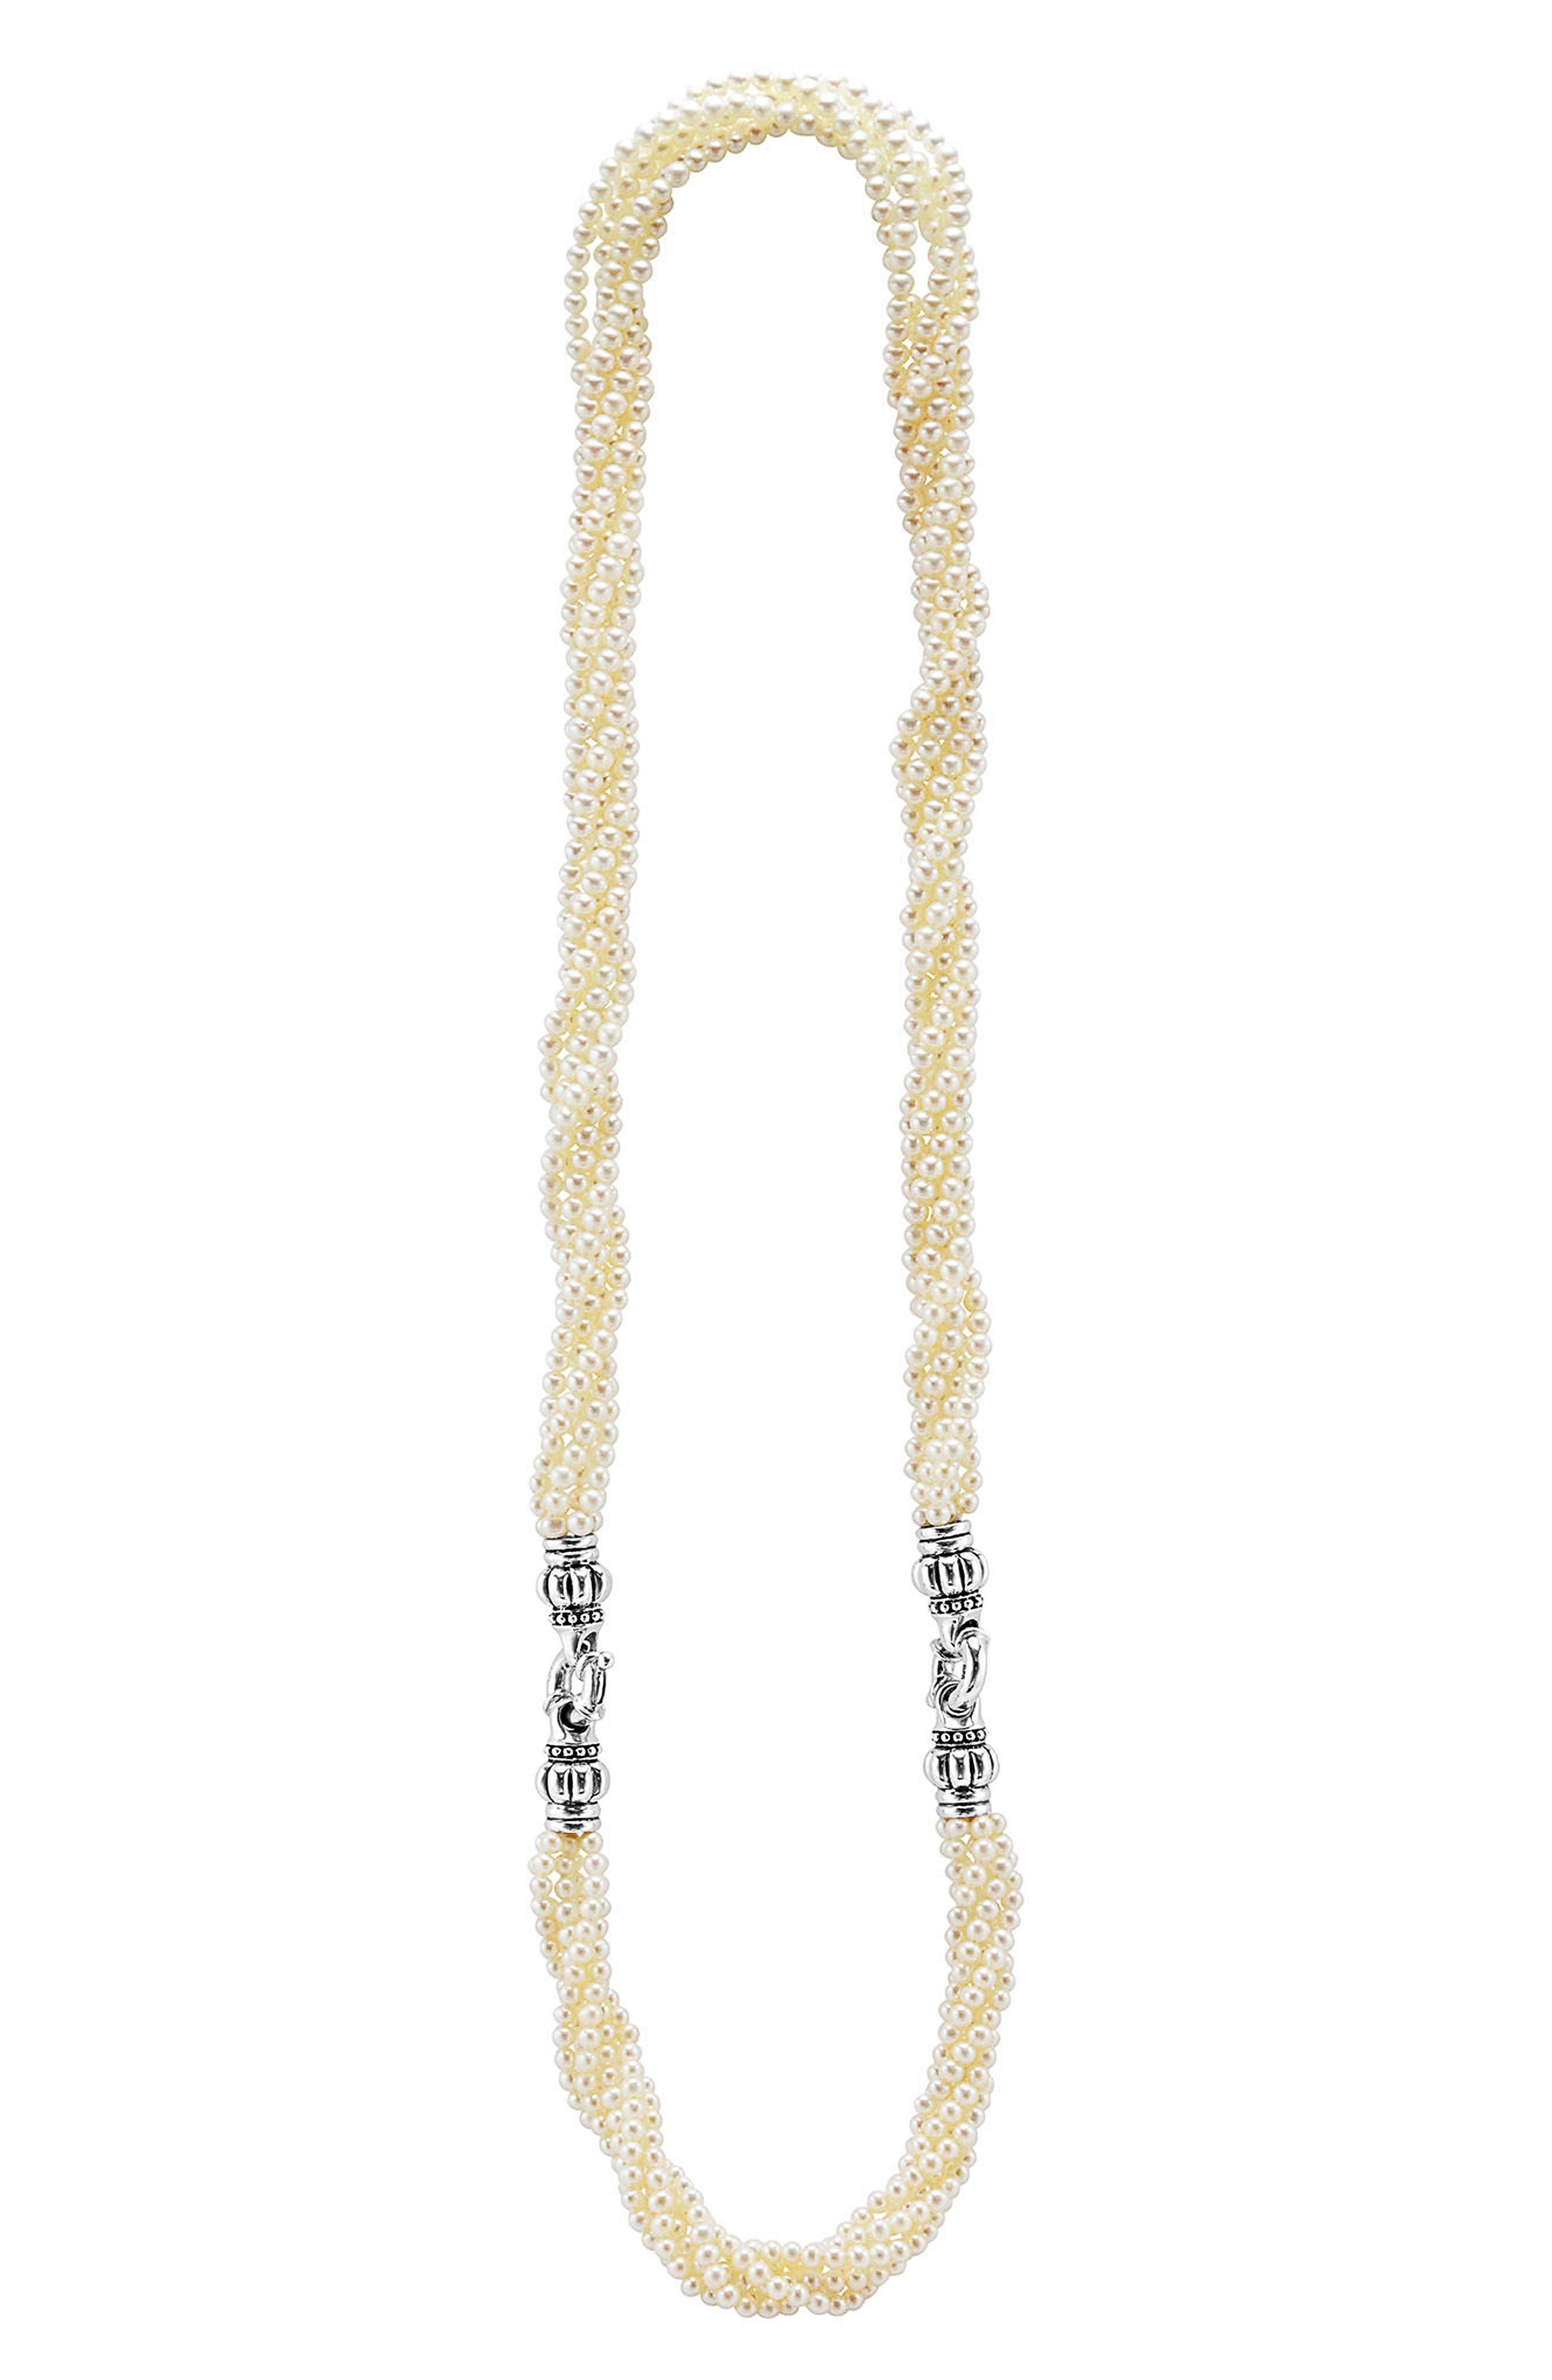 Luna Pearl Convertible Bracelet & Necklace,                             Alternate thumbnail 2, color,                             040